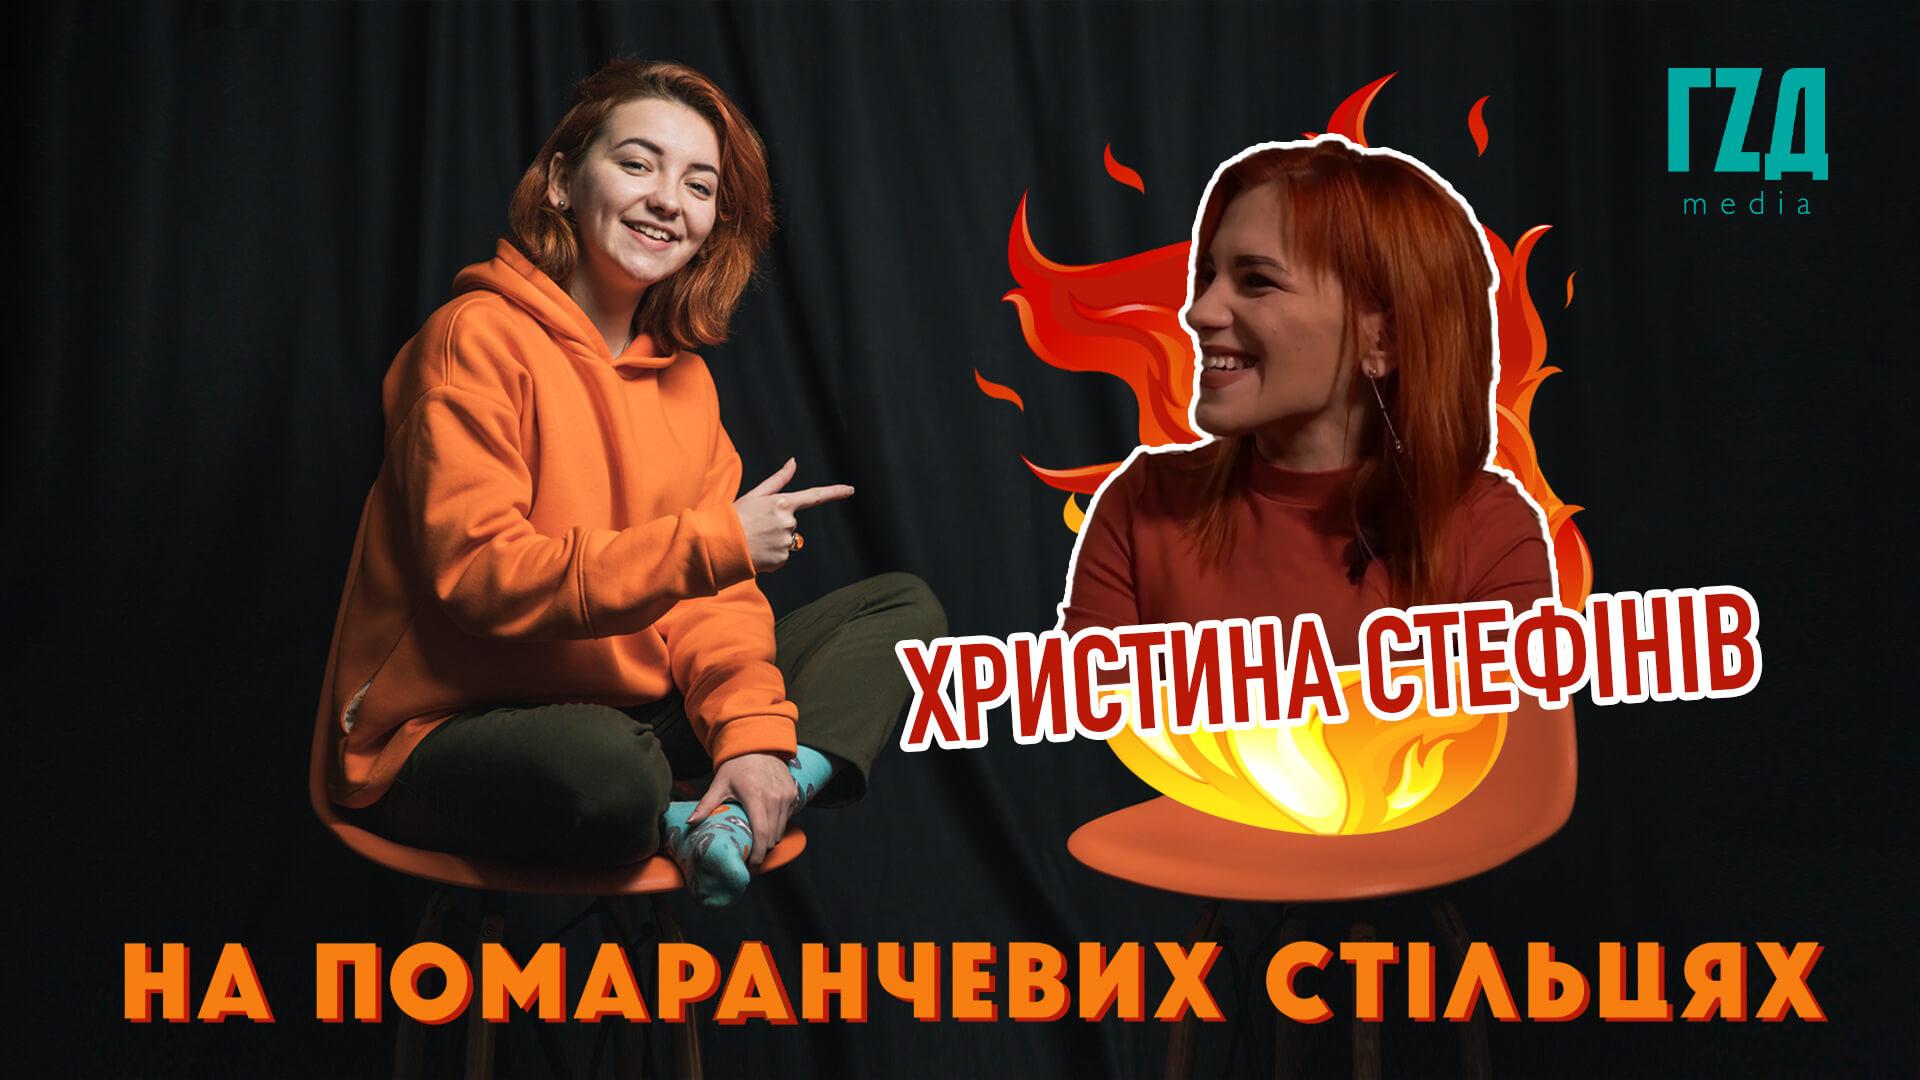 Христина Стефінів: відверто та гаряче